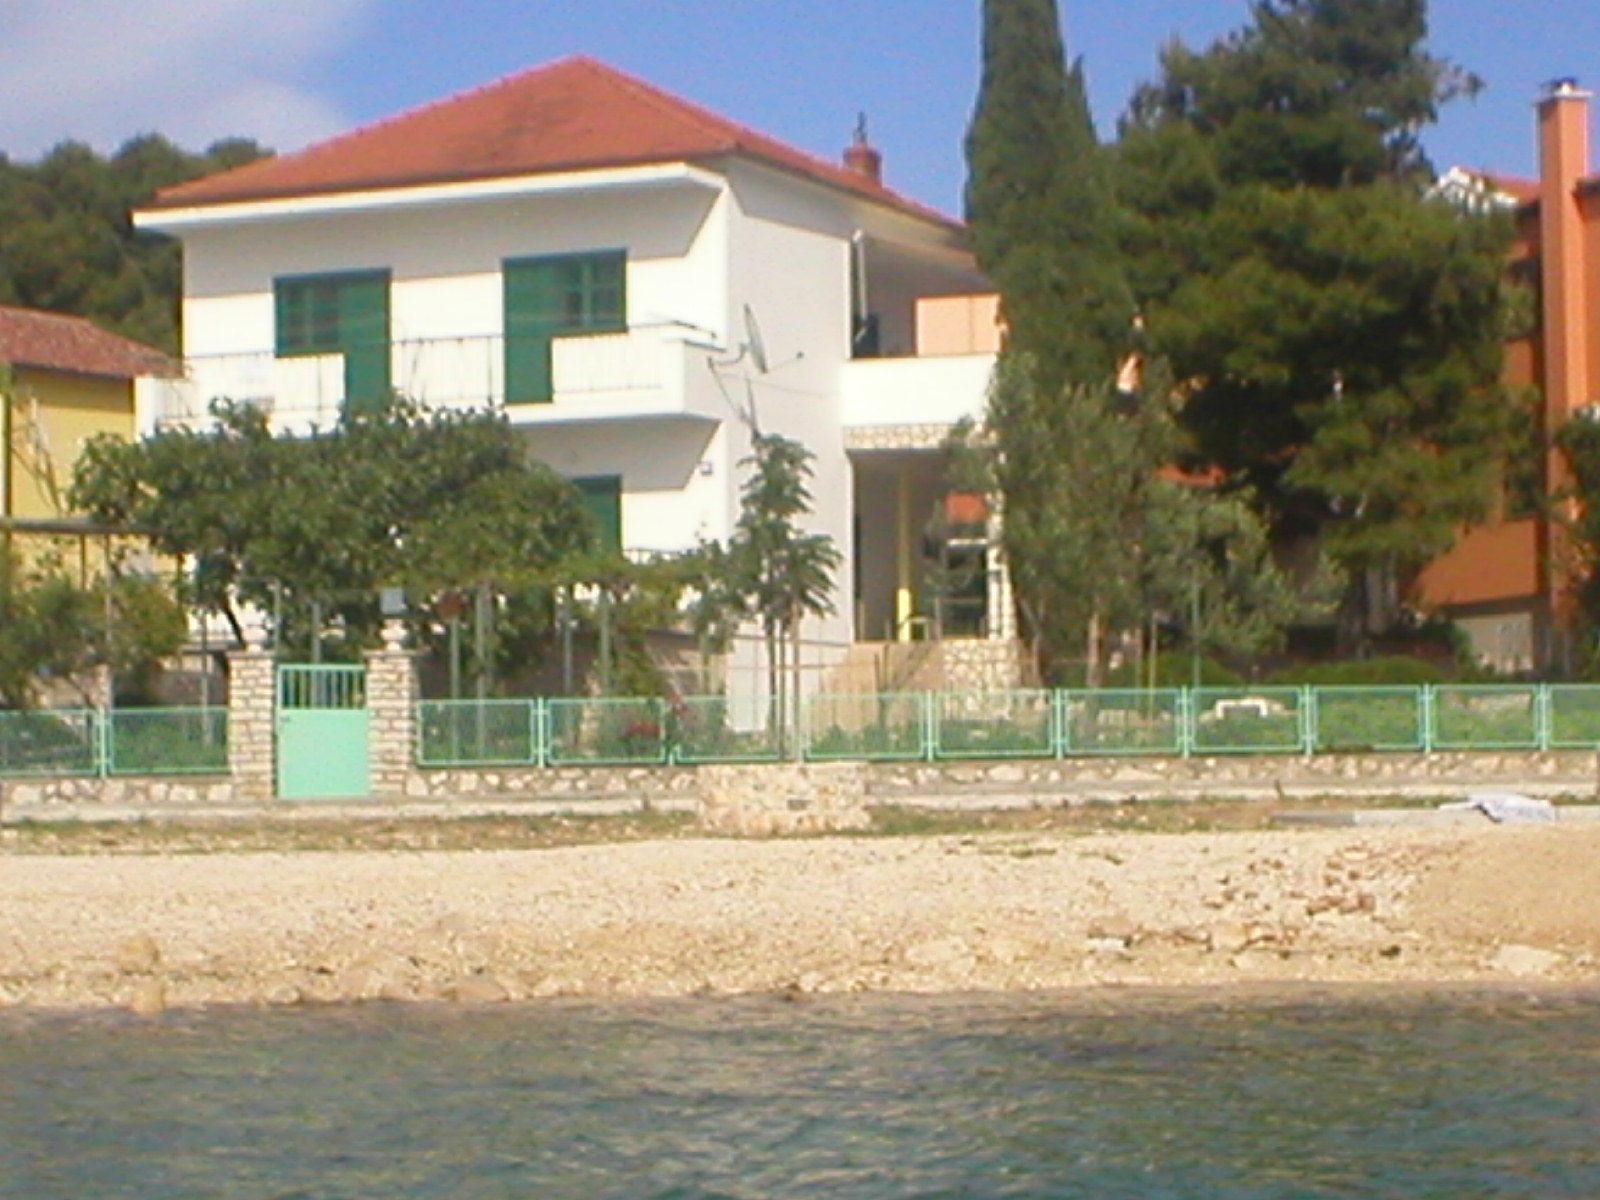 35987 - Brodarica - Appartamenti Croazia